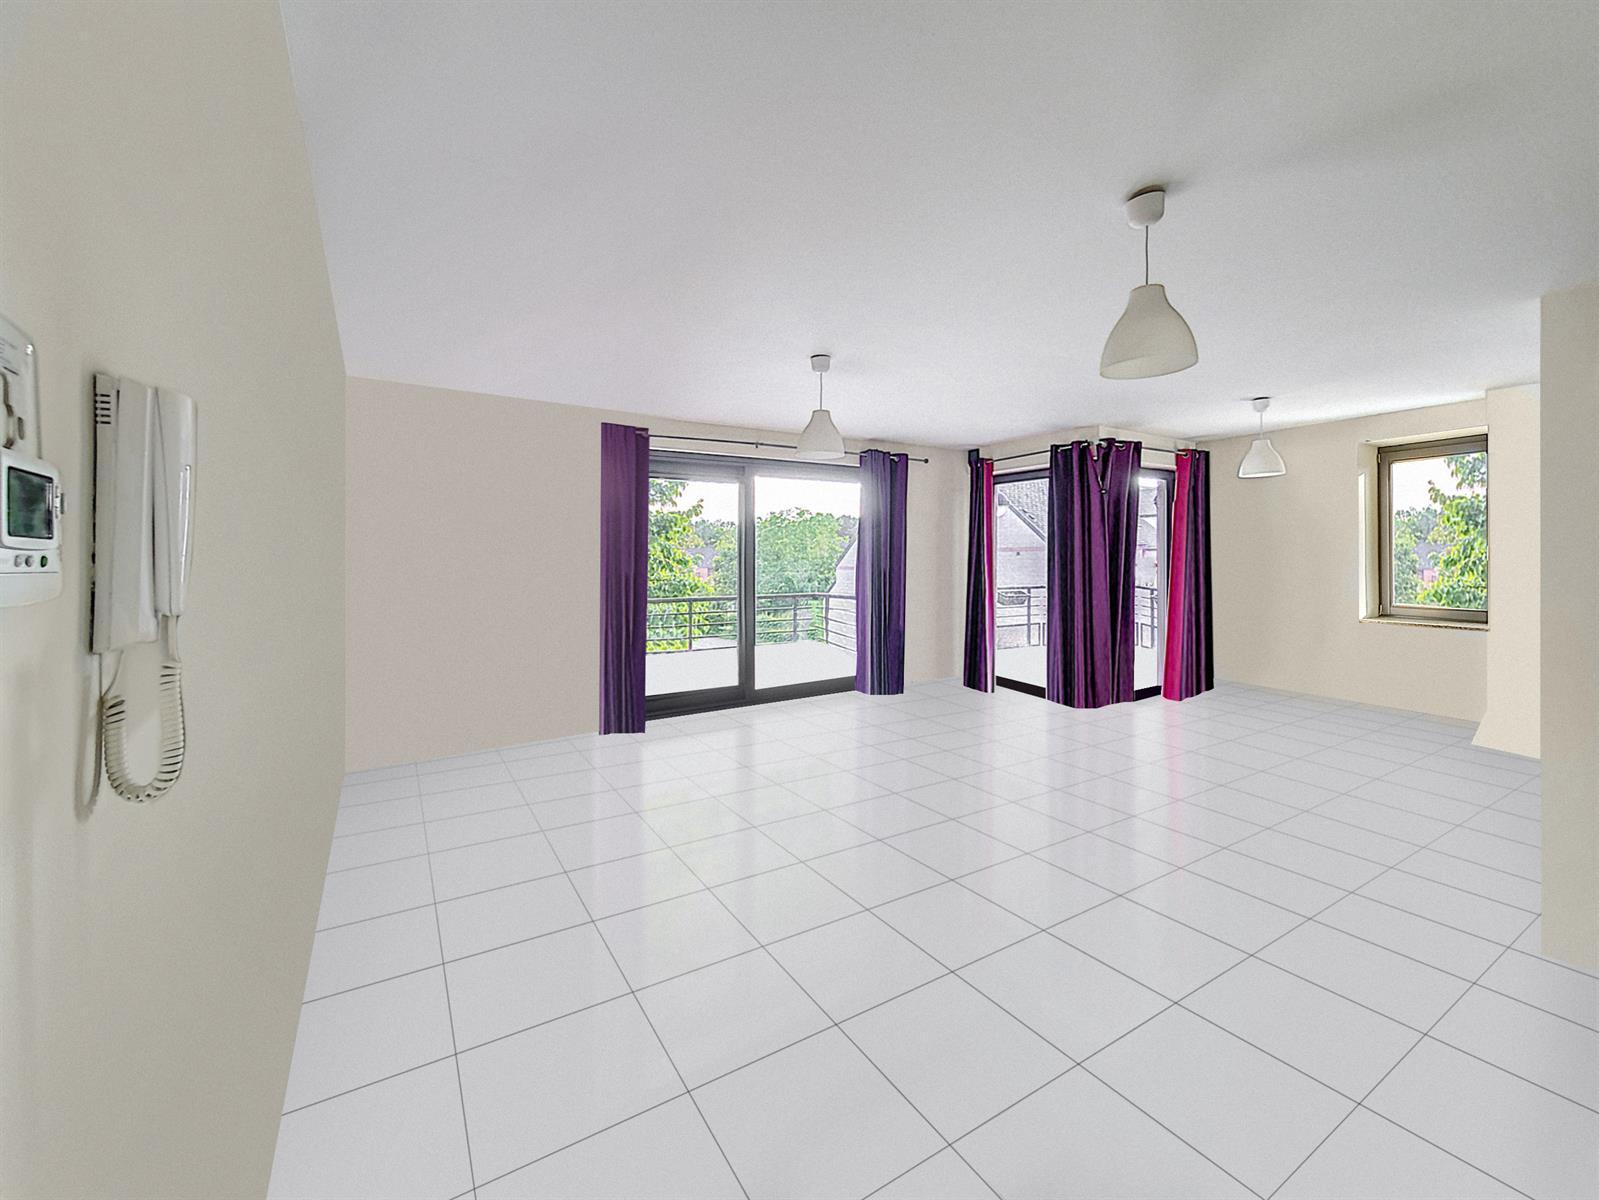 Appartement - Ottignies-Louvain-la-Neuve Louvain-la-Neuve - #4392627-4